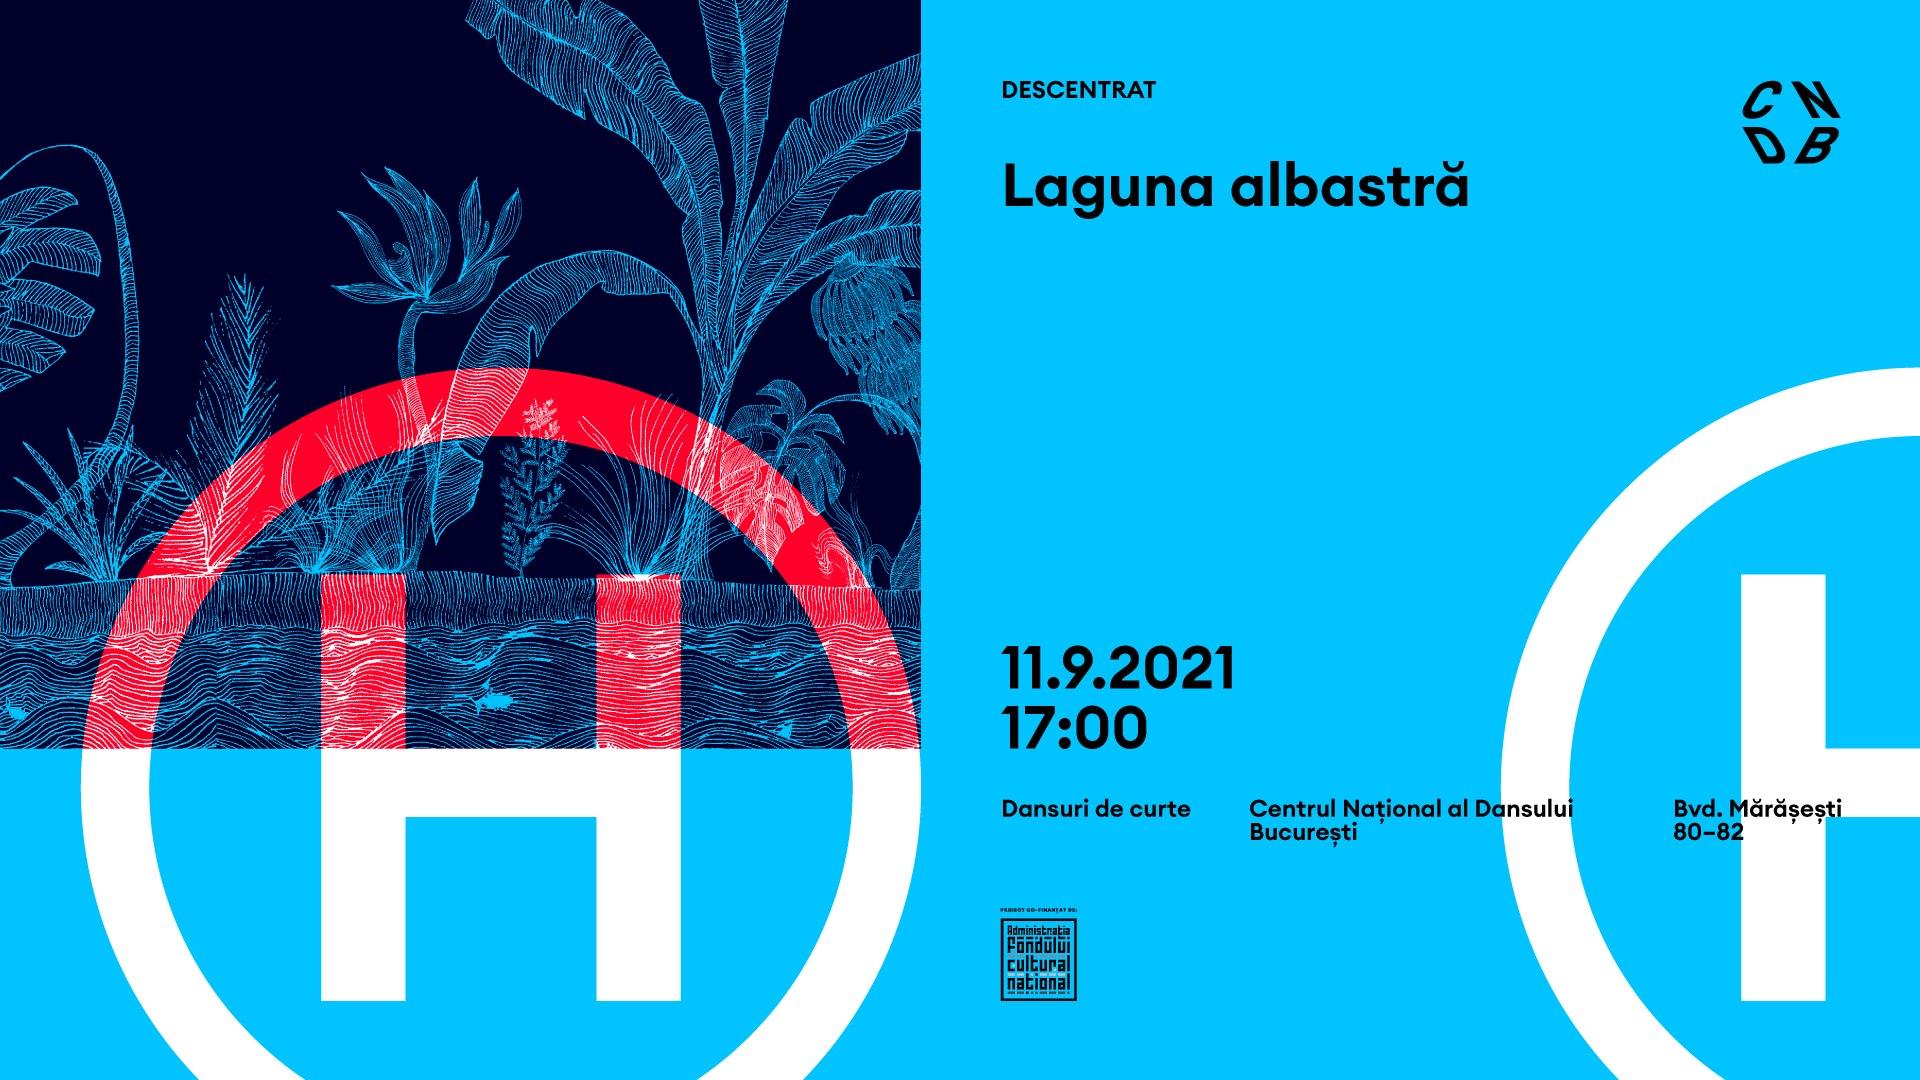 Dansuri de curte || Laguna Albastră. Descentrat @ CNDB